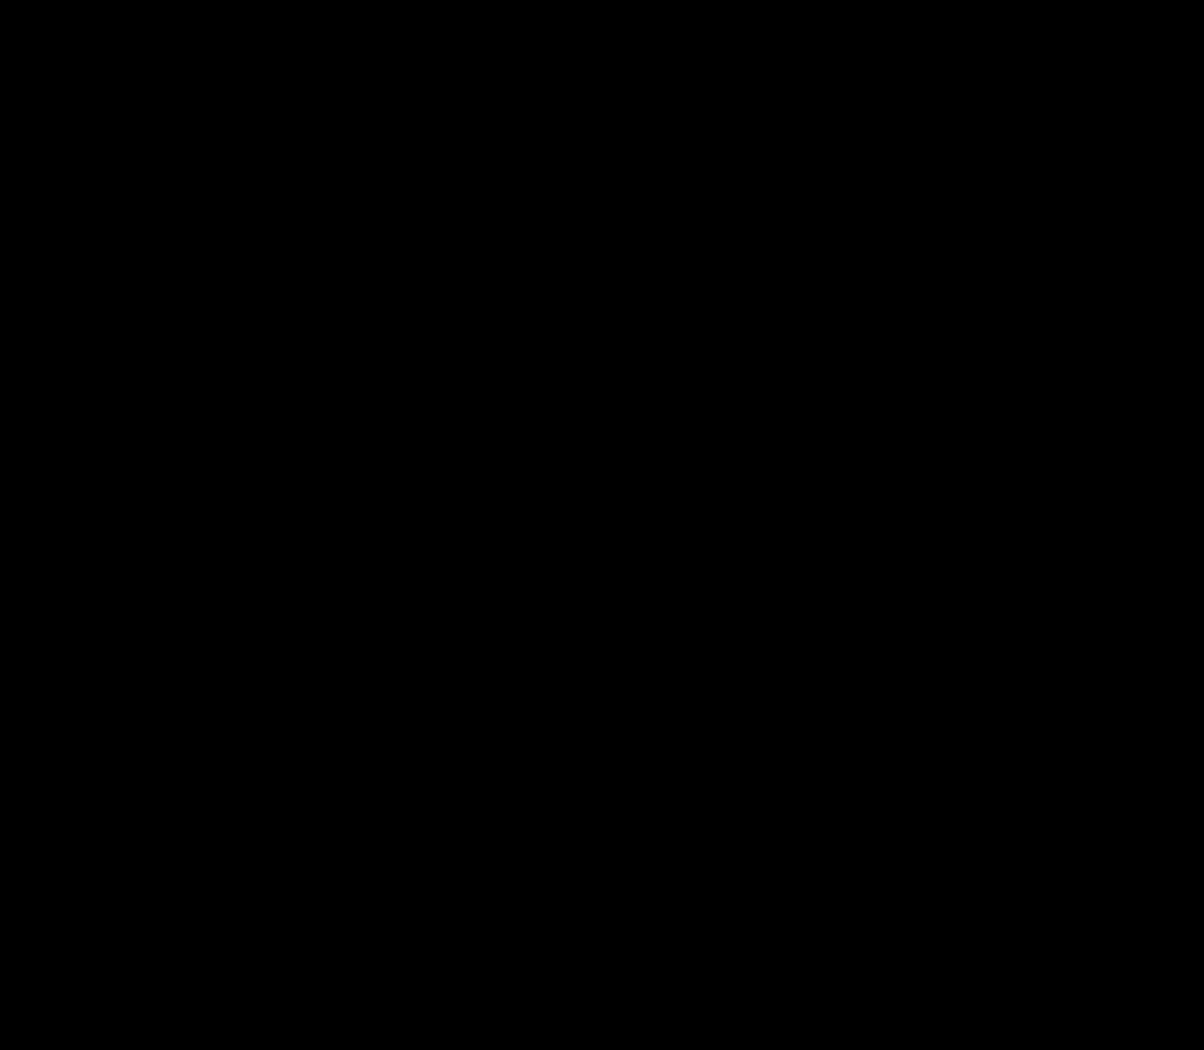 Kozuka Mincho Pr6N type specimen